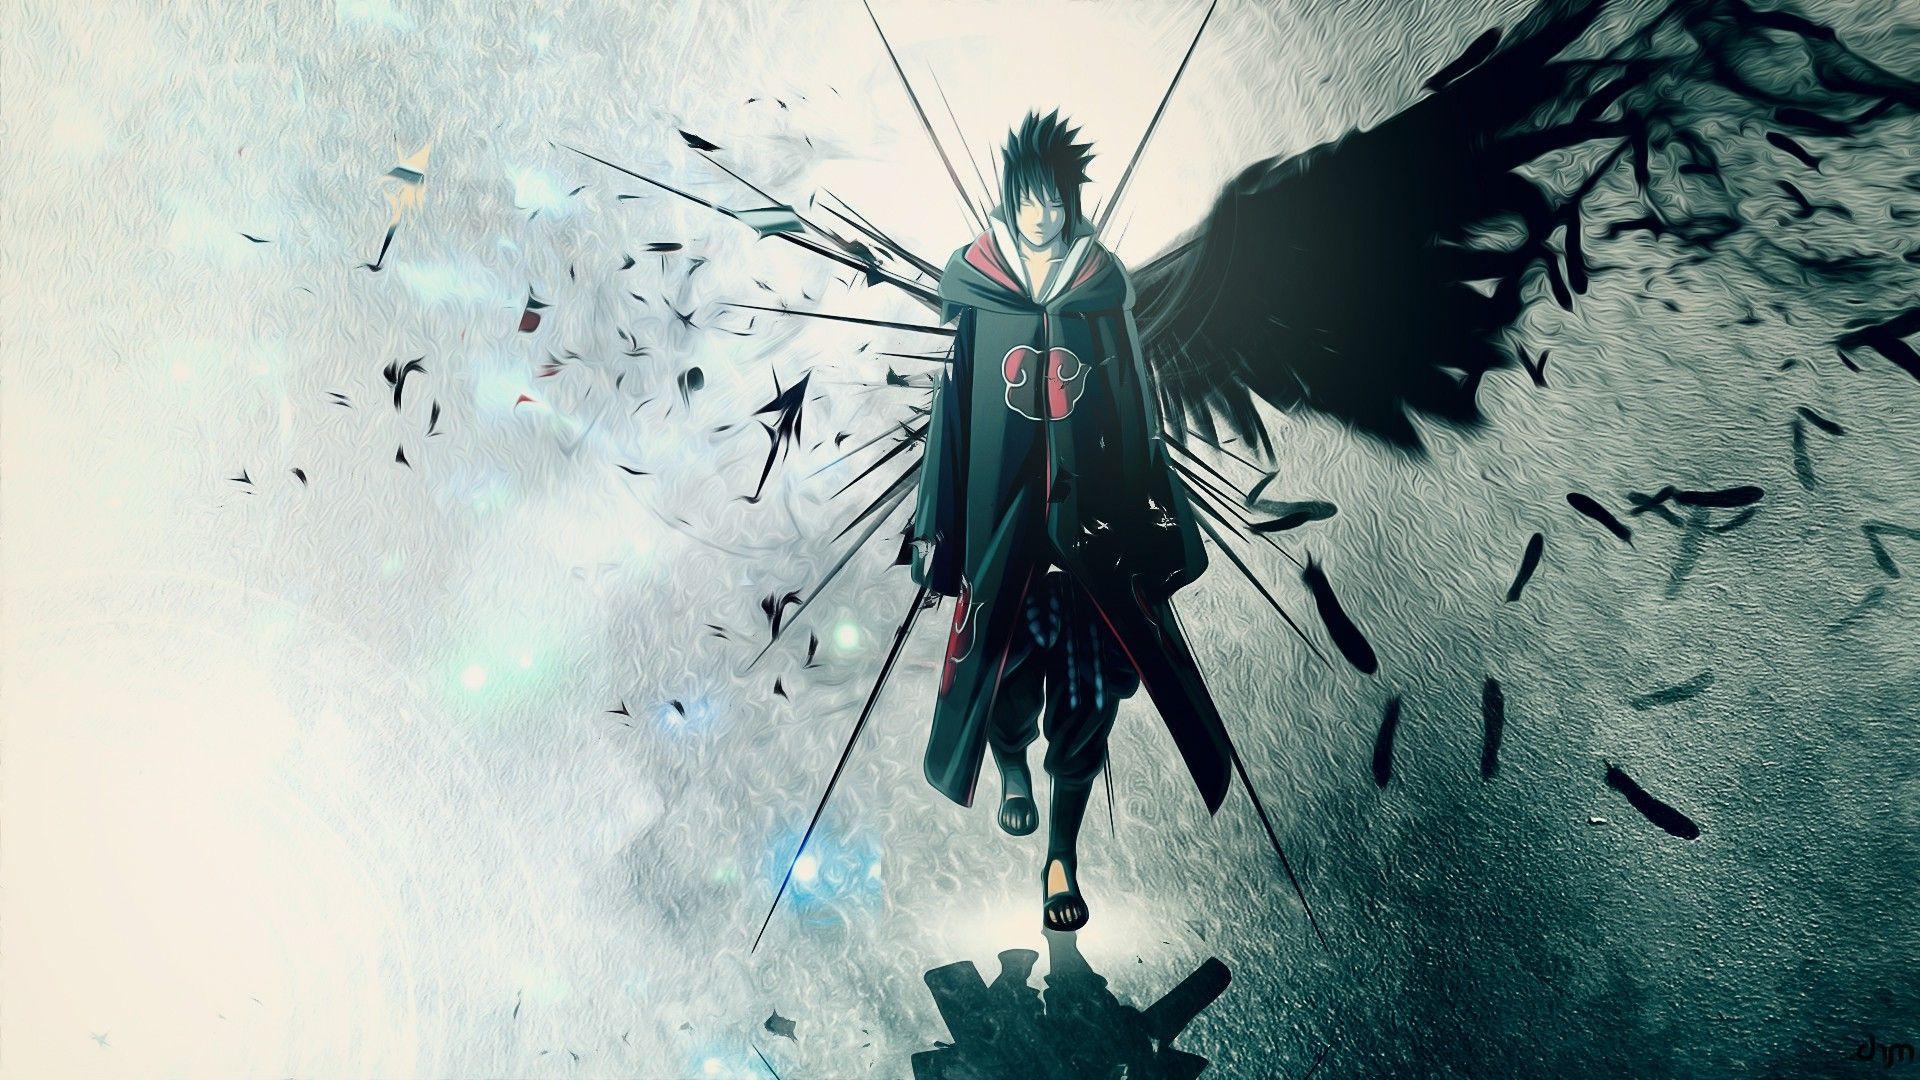 Uchiha Sasuke - Naruto Shippuden Wallpaper - Download